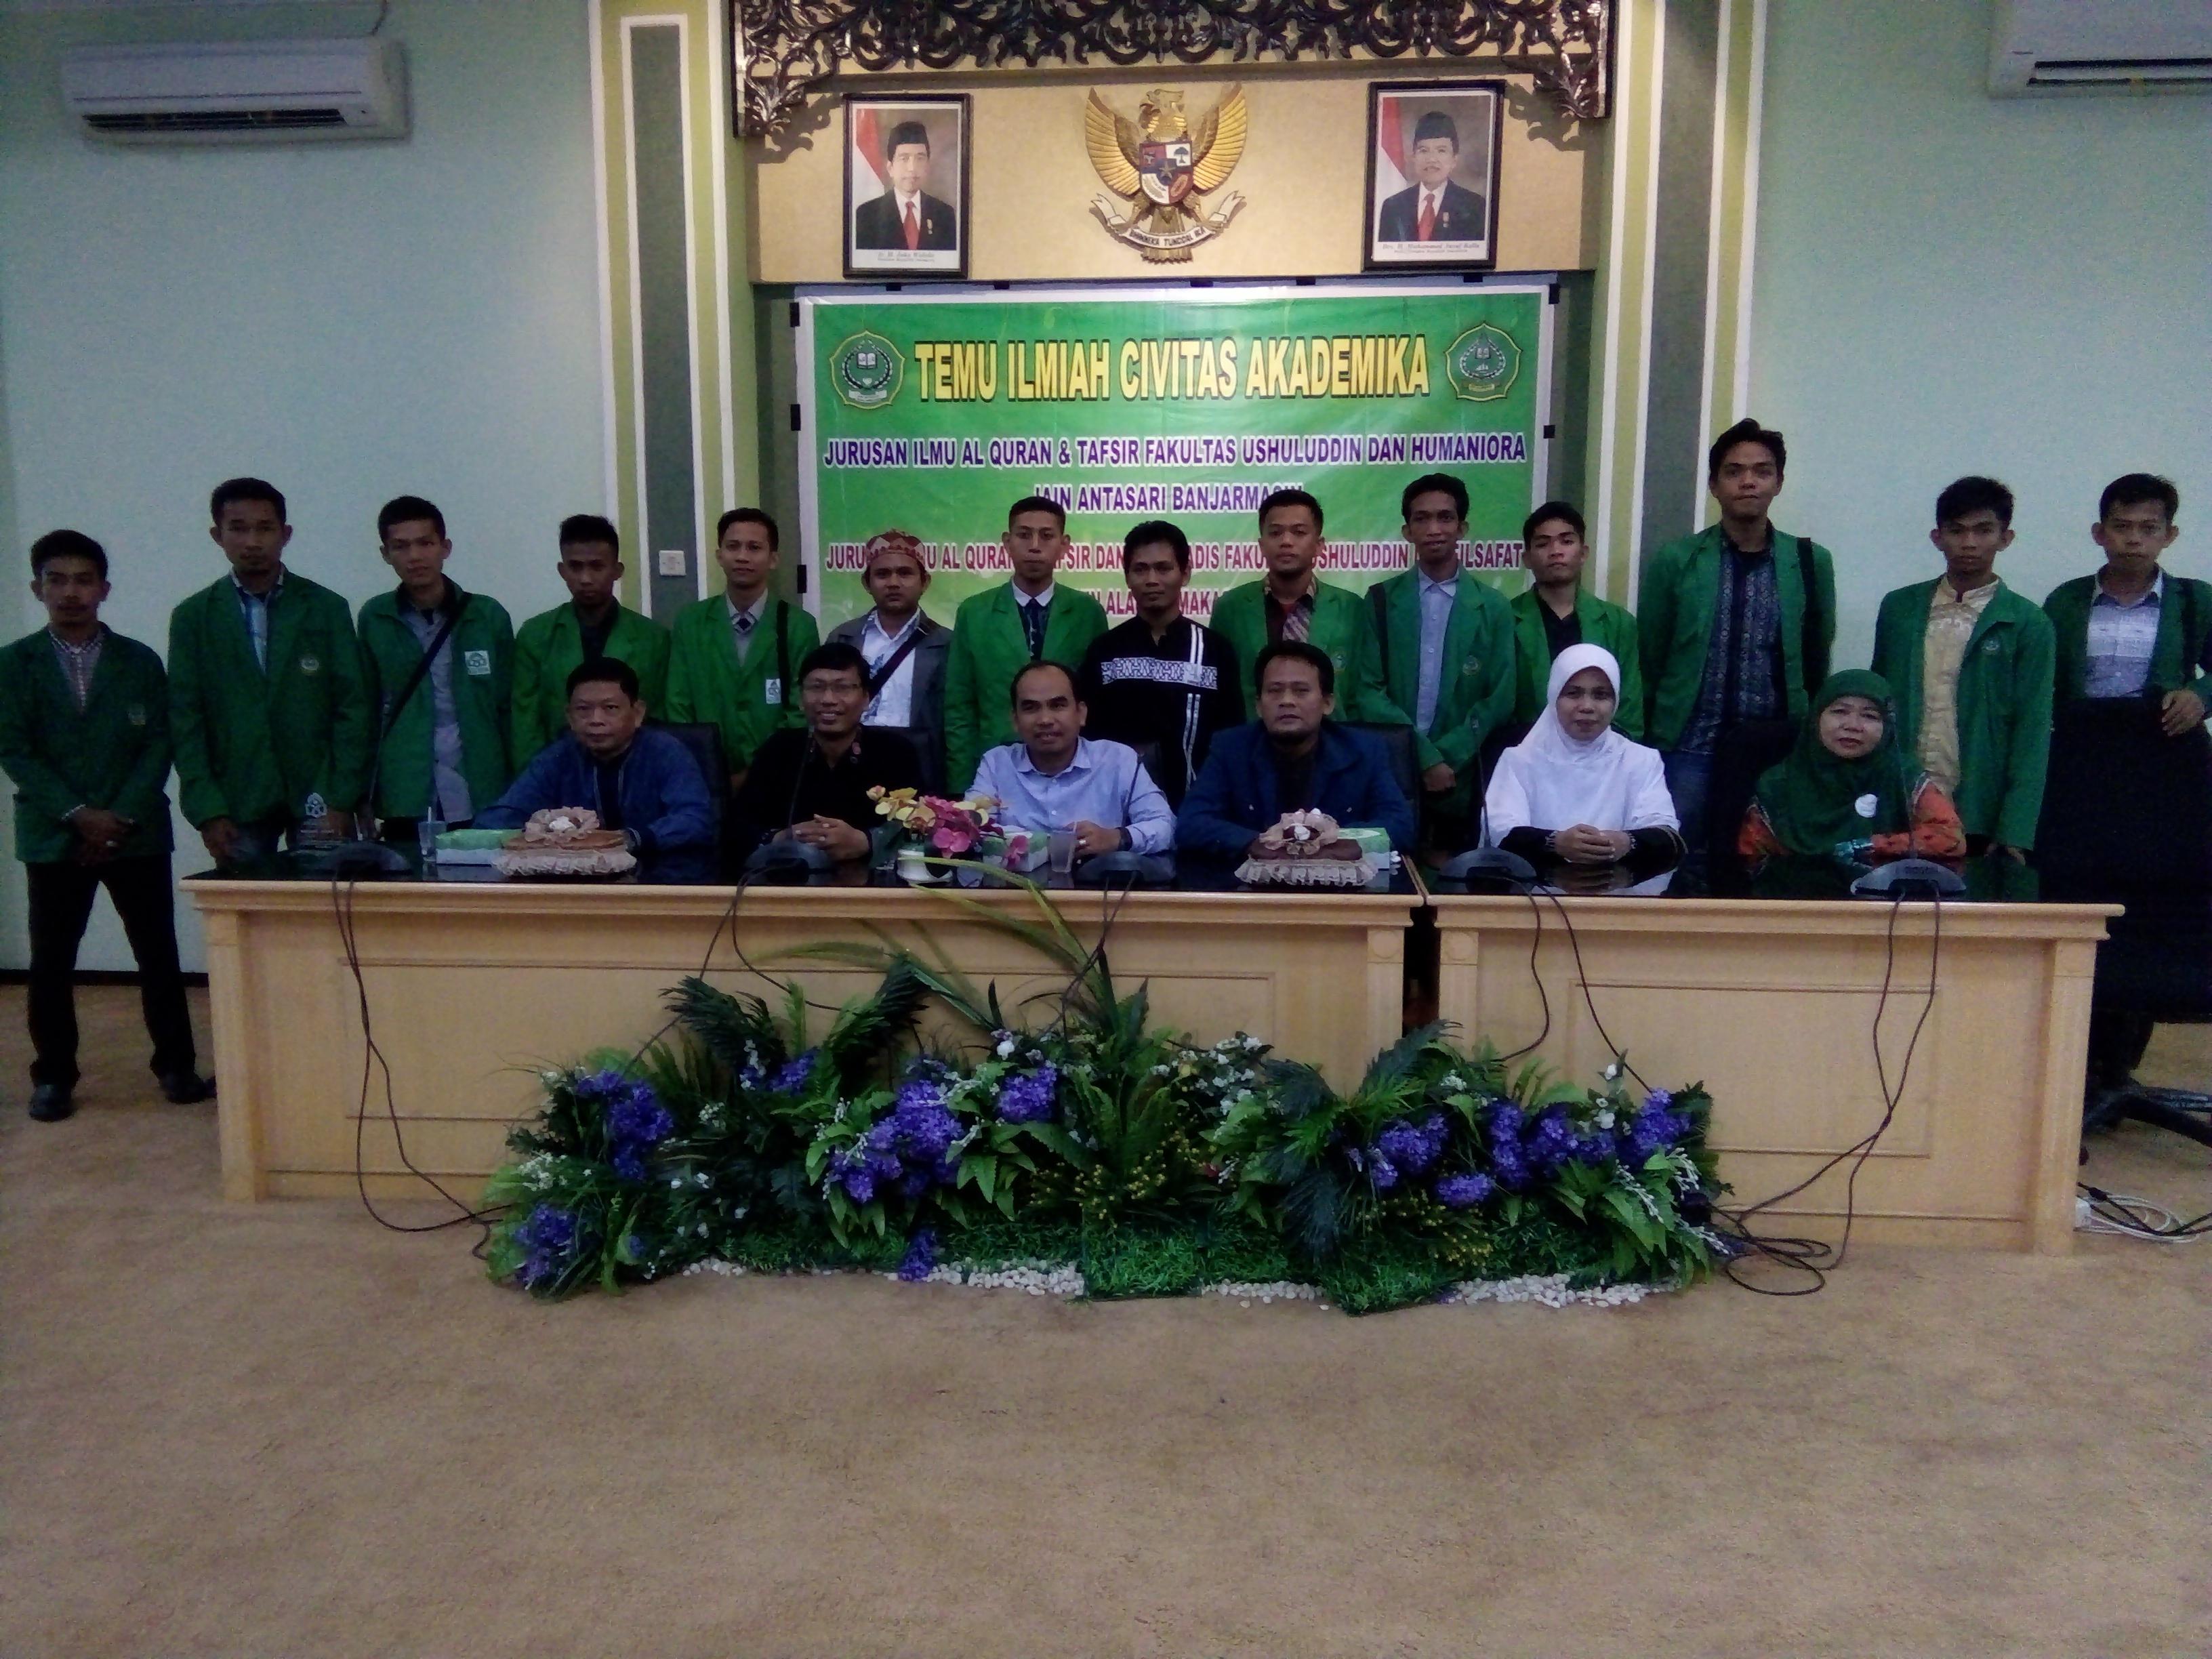 Temu Ilmiah Civitas Akademika Fakultas Ushuluddin dan Humaniora IAIN Antasari Banjarmasin